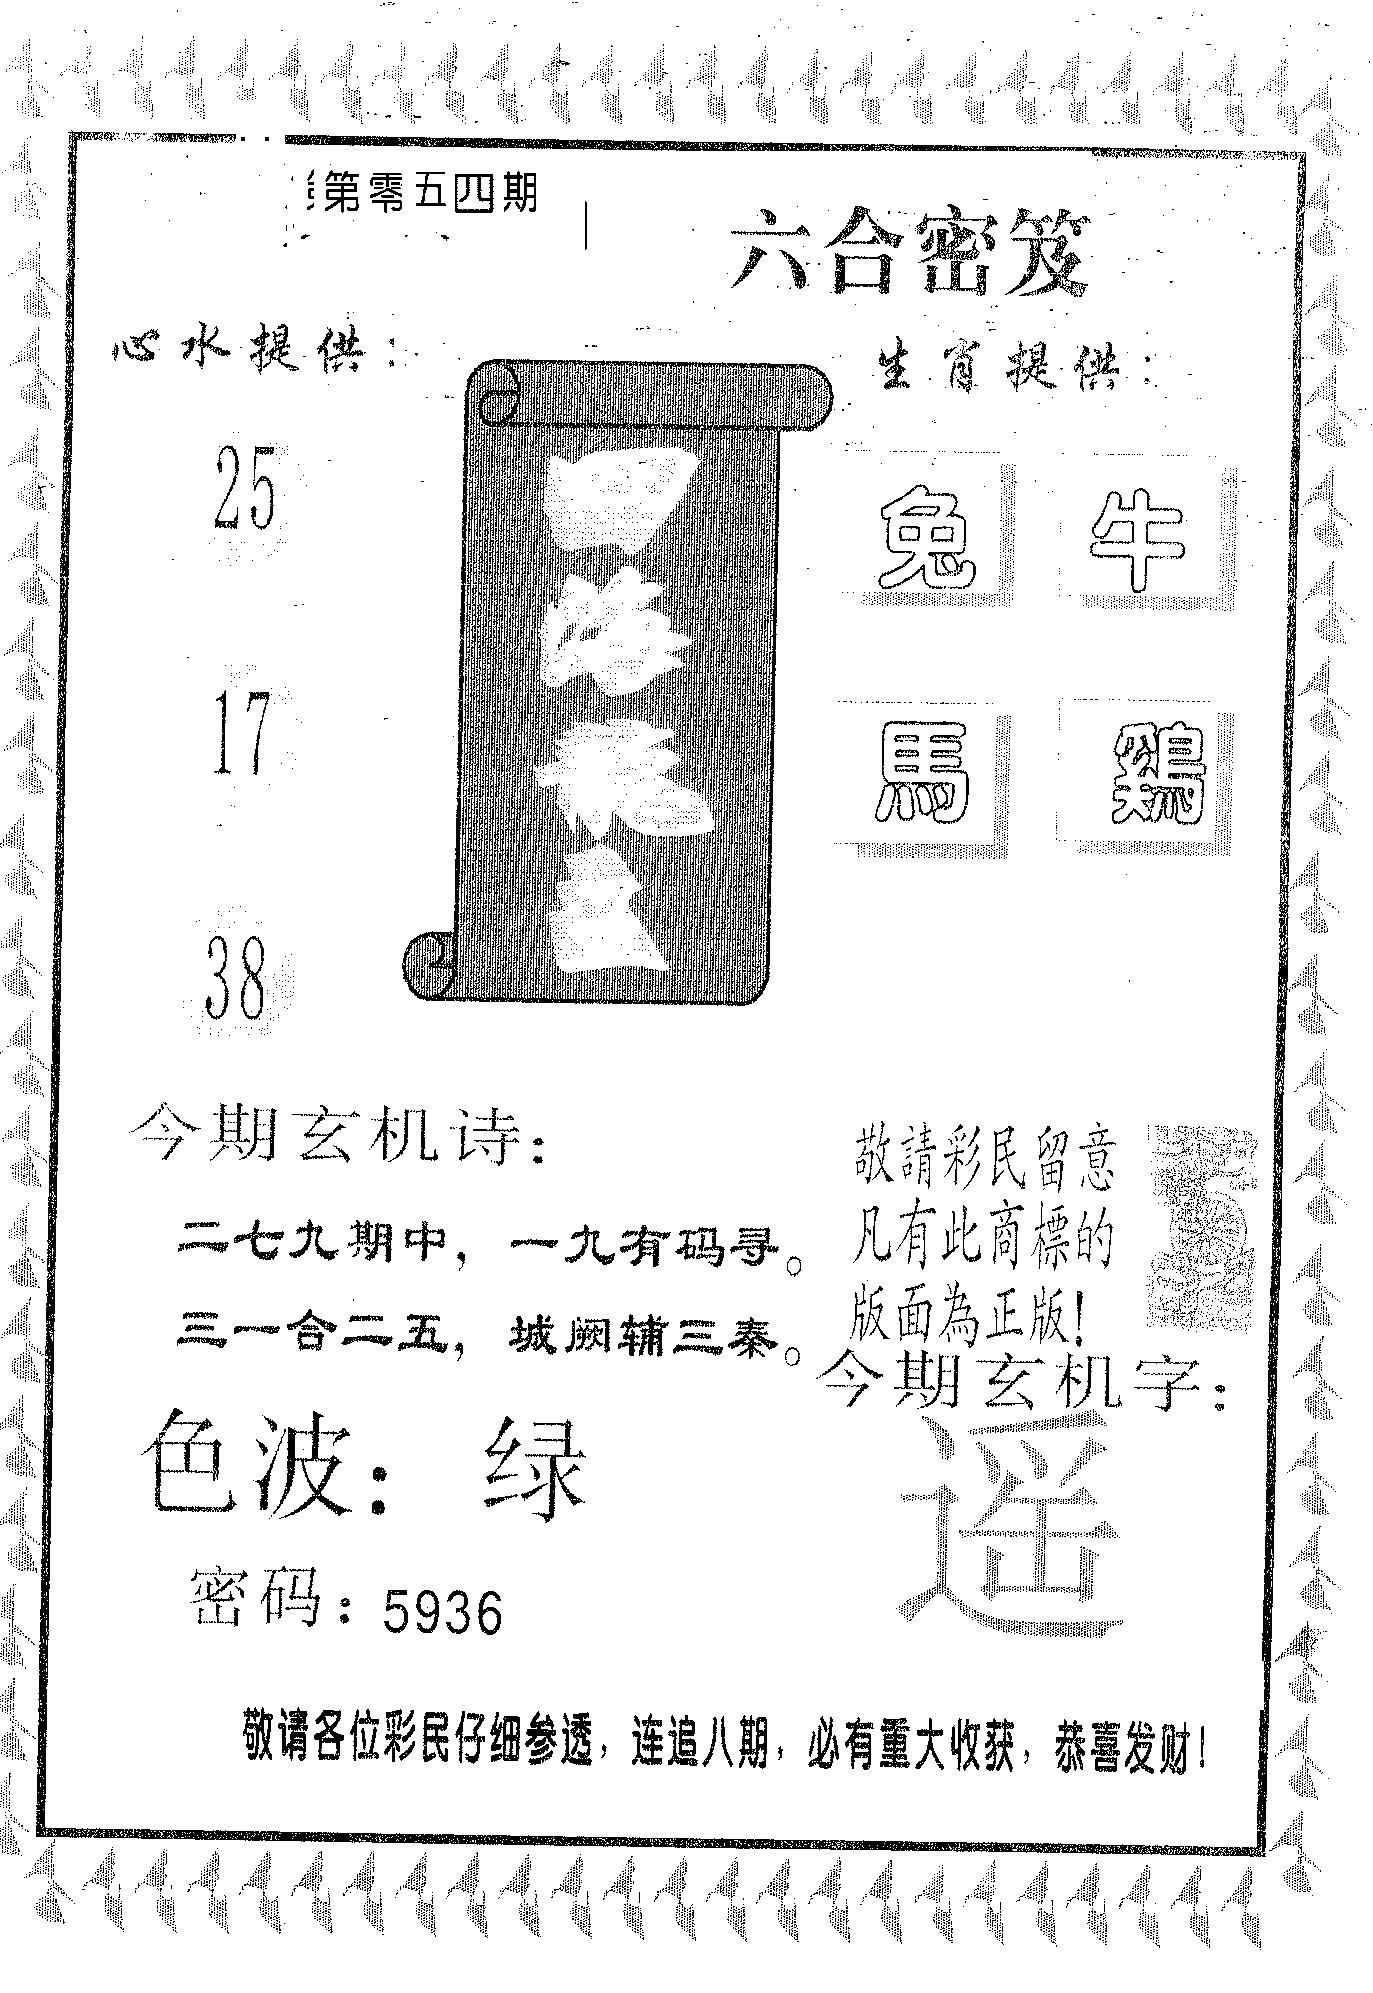 054期四海龙王(黑白)